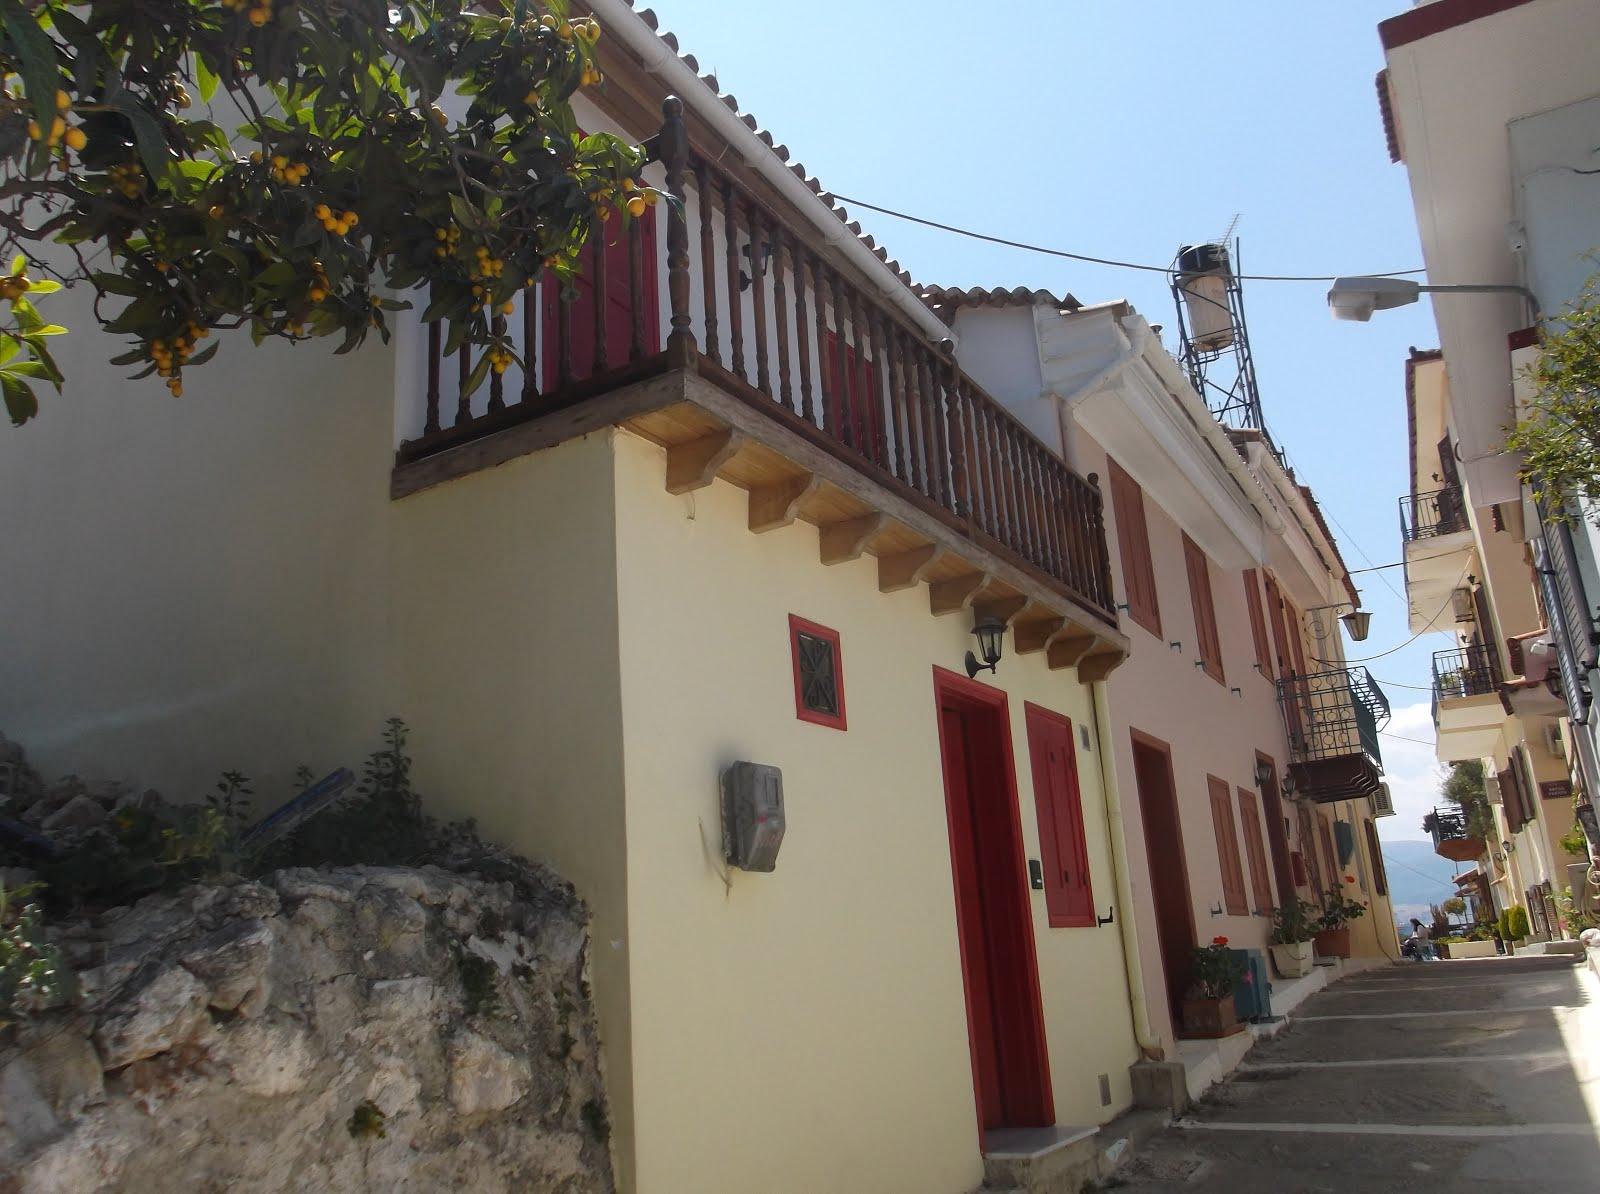 Ναύπλιο, Παραδοσιακό Σπίτι για Σαββατοκύριακα και μικρές αποδράσεις